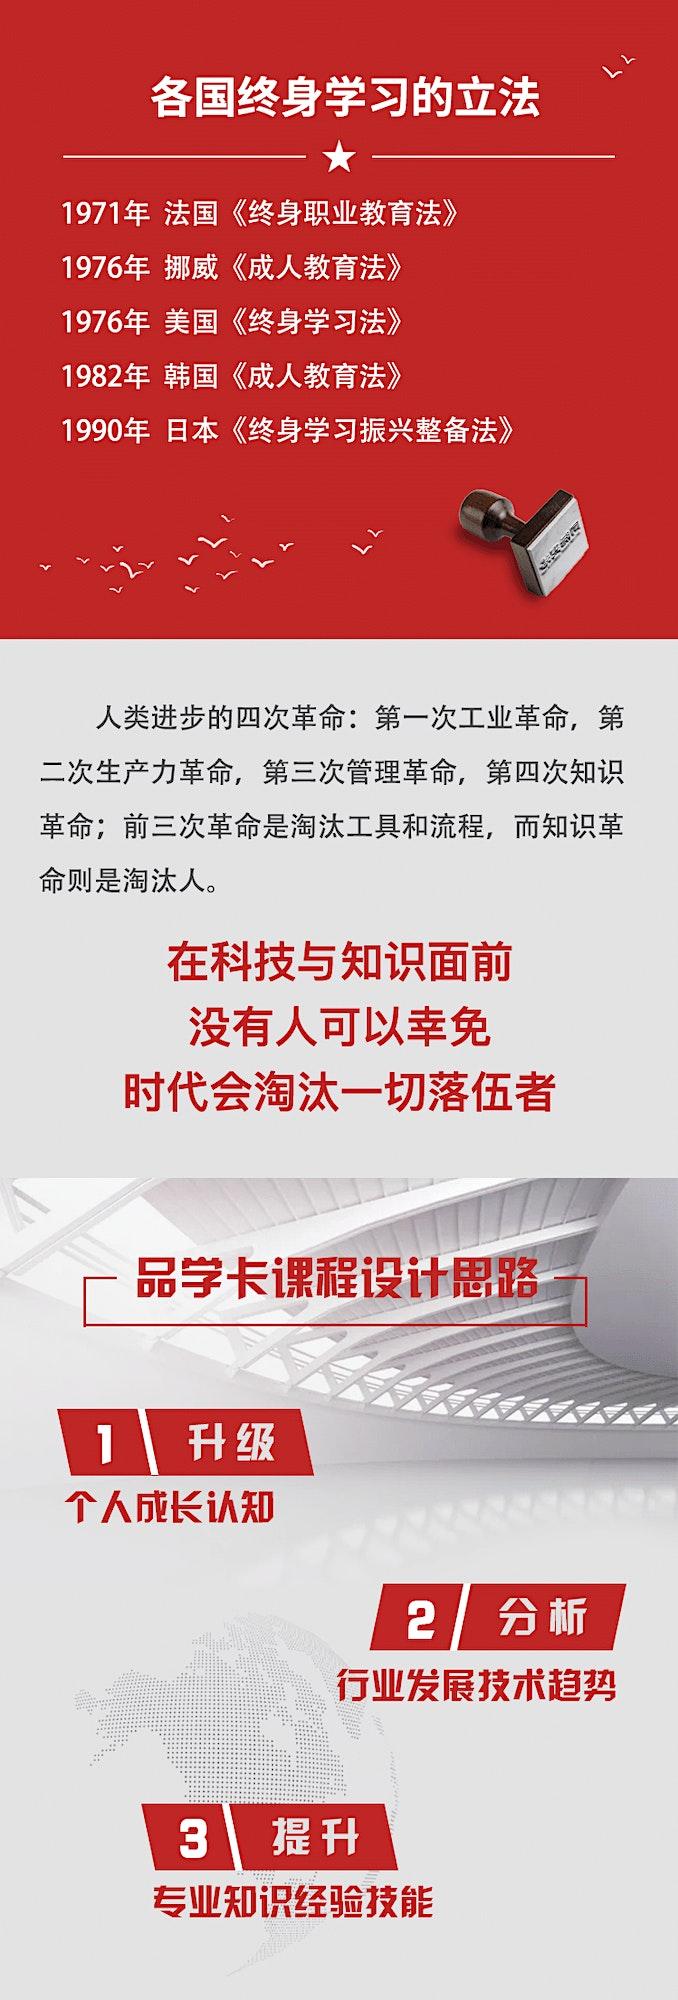 PingCard image